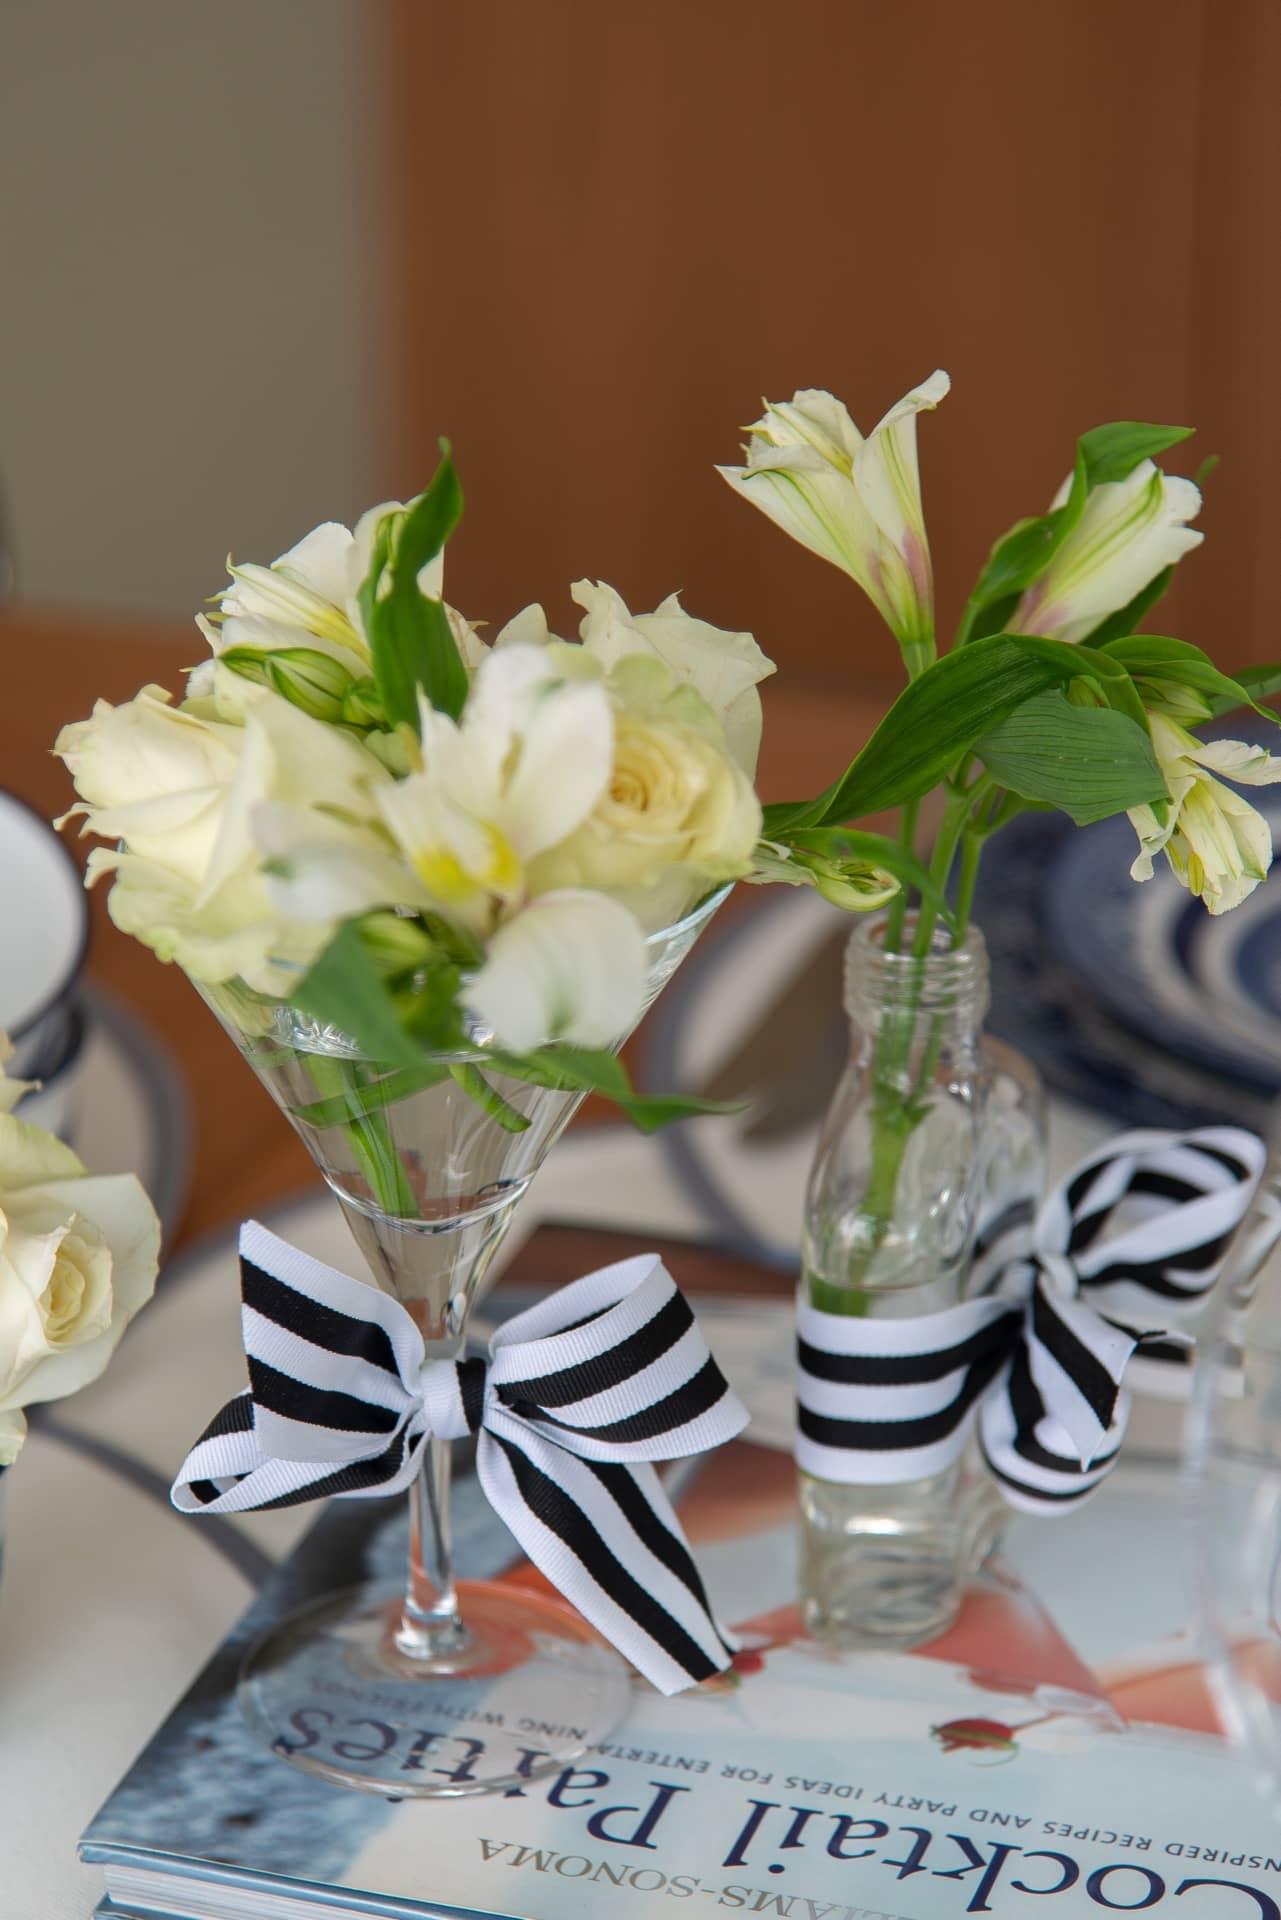 Imagem: No almoço de Dia das Mães, um centro de mesa caprichado faz toda a diferença! Para acomodar as flores -uma seleção de rosas e lisianthus brancos- usamos copos e vidrinhos de perfume. As fitas listradas dão um charme extra, enquantoo livro de decoração serve de base para o arranjo.Foto: Cacá Bratke